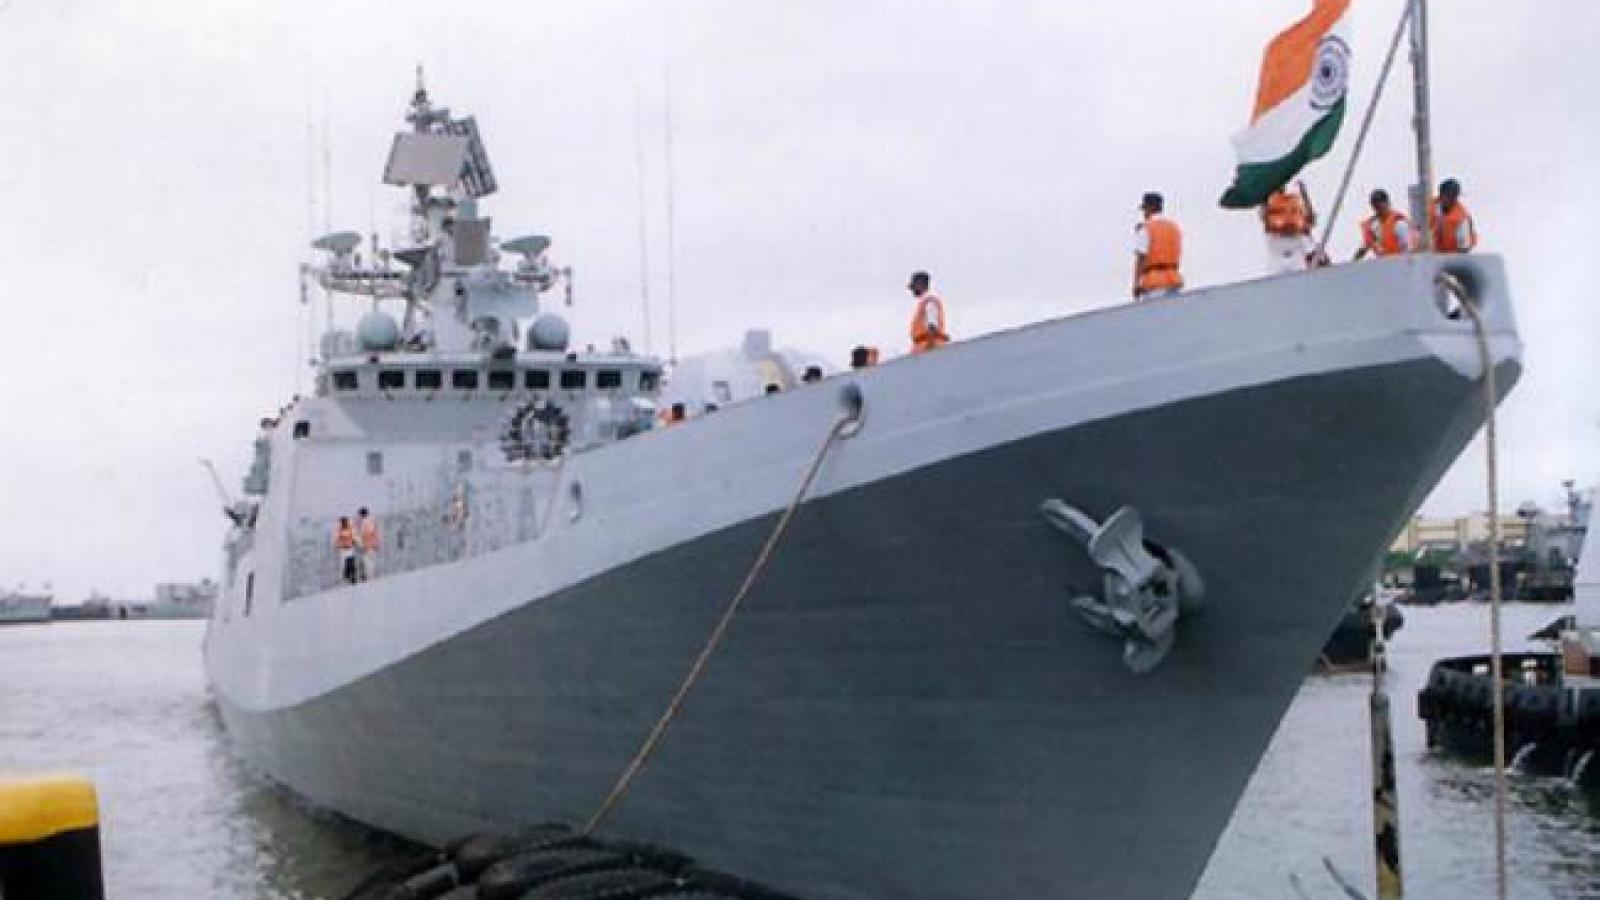 26 binh sĩ Hải quân Ấn Độ mắc Covid-19